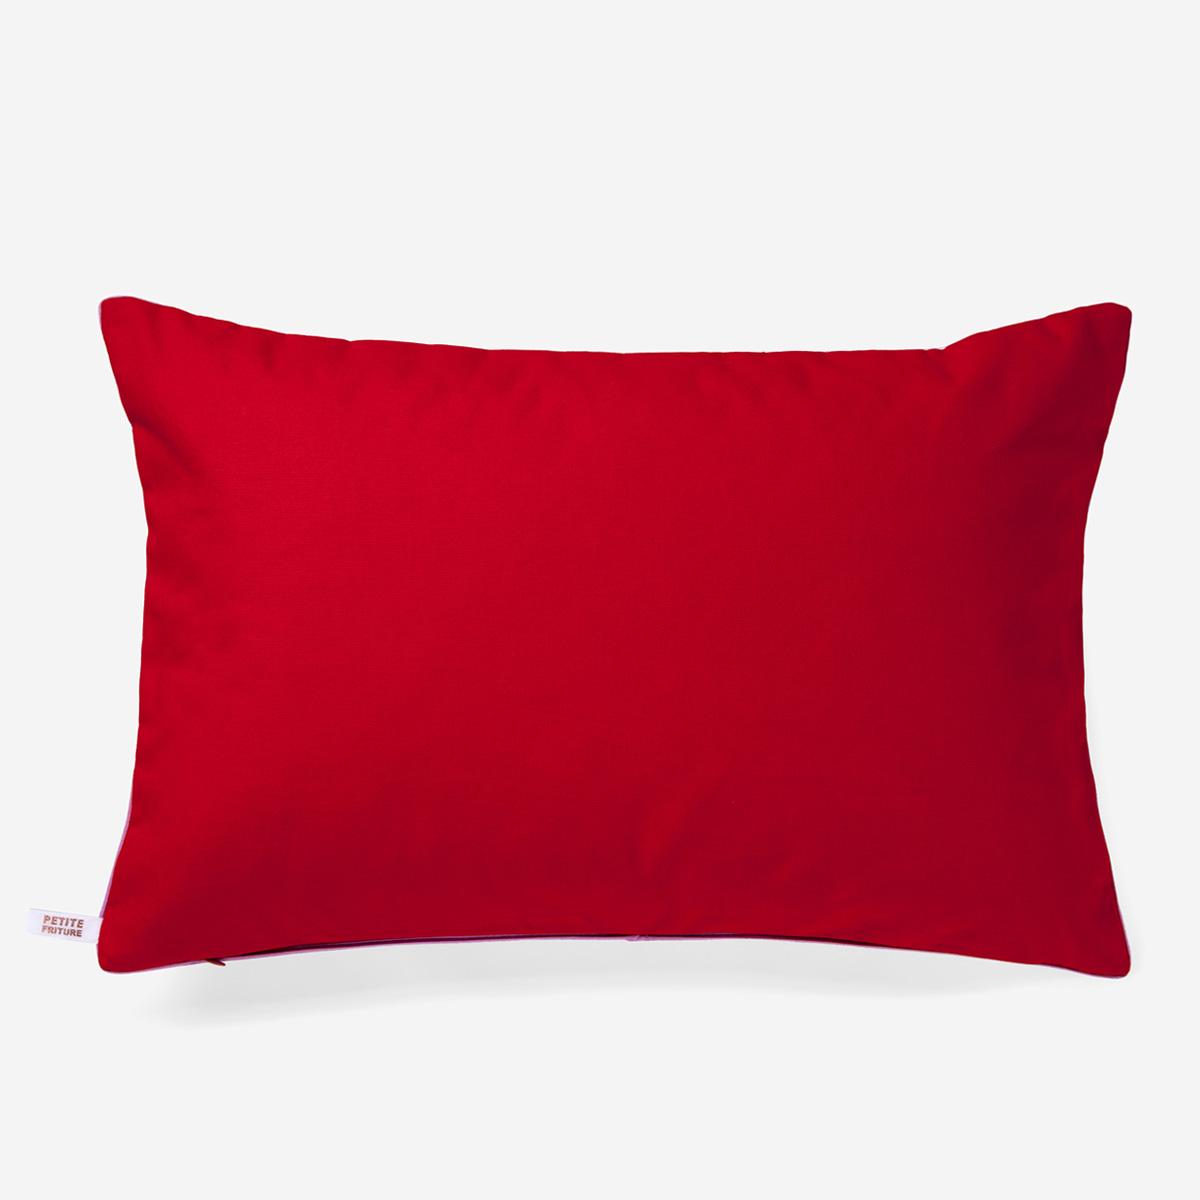 rikiki grafik produkt kissen volutes 40 60. Black Bedroom Furniture Sets. Home Design Ideas